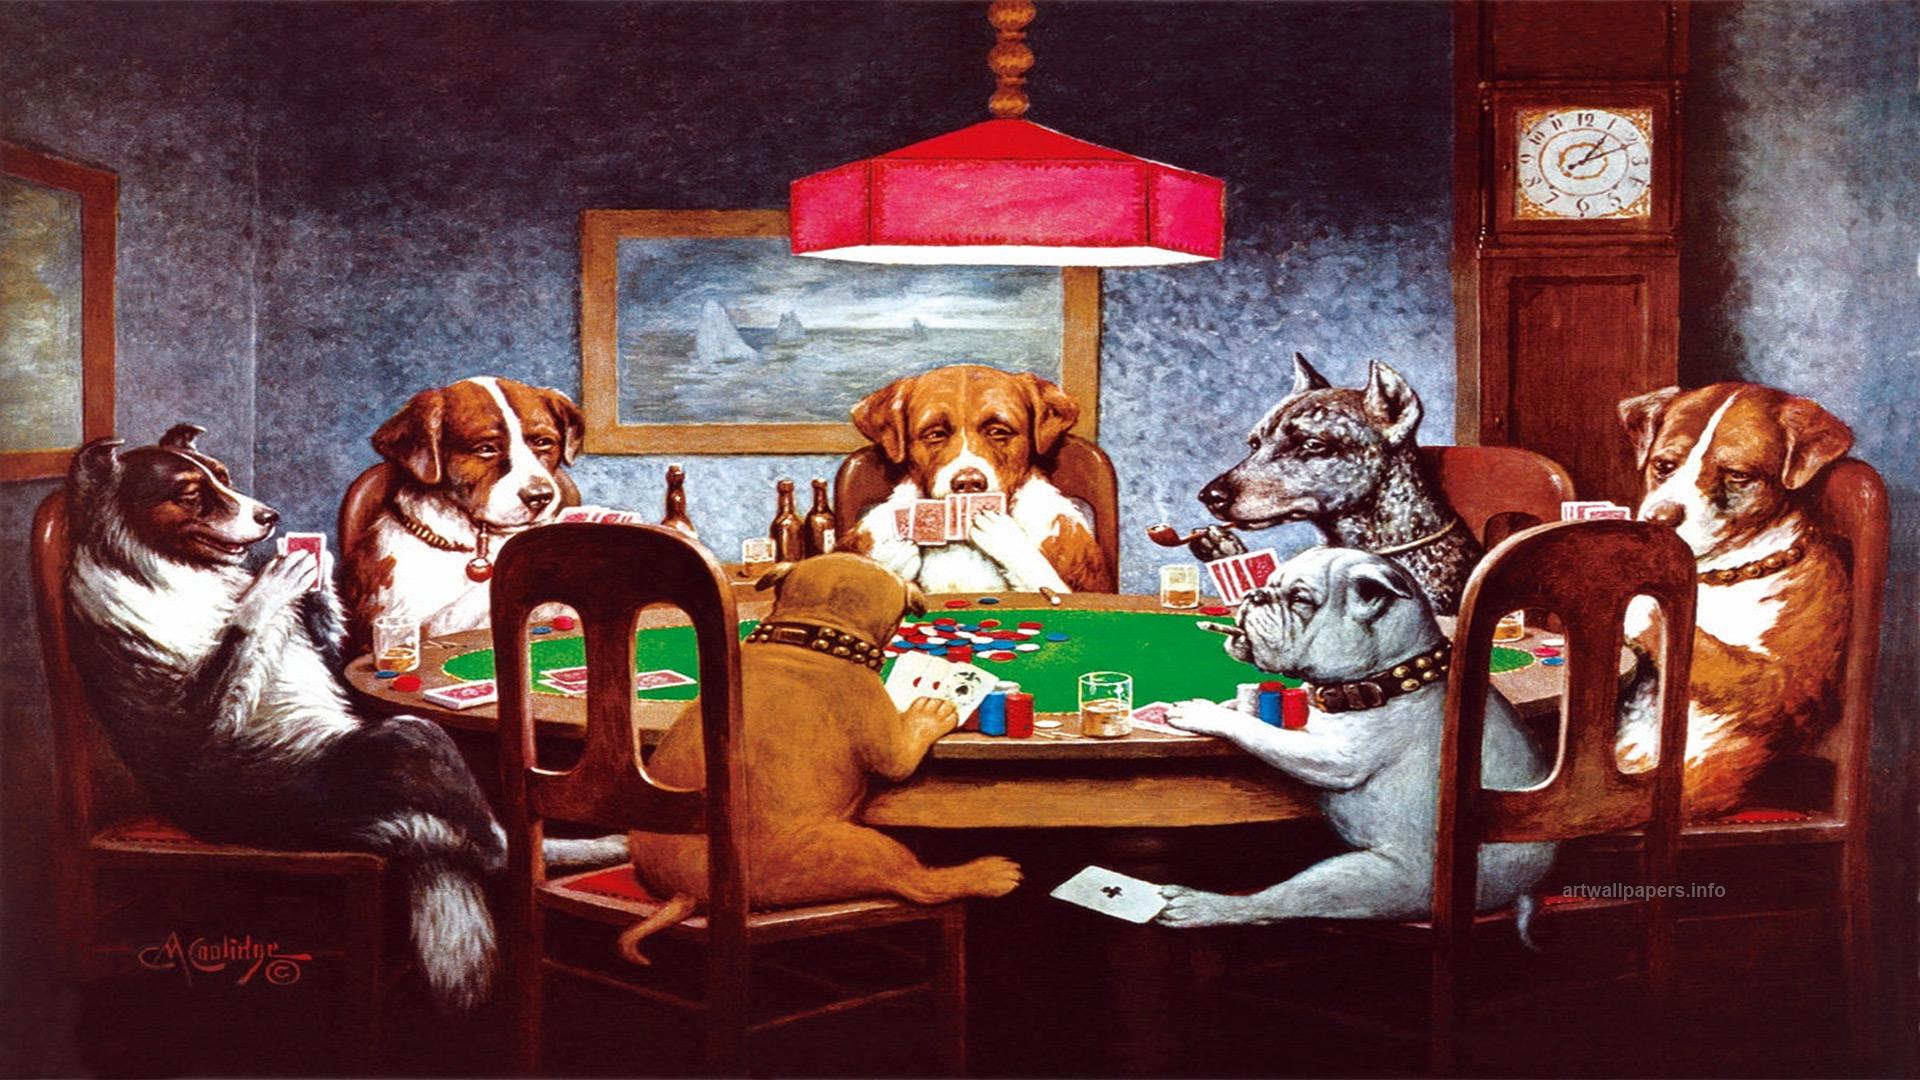 70+ Dogs Playing Poker Wallpaper on WallpaperSafari